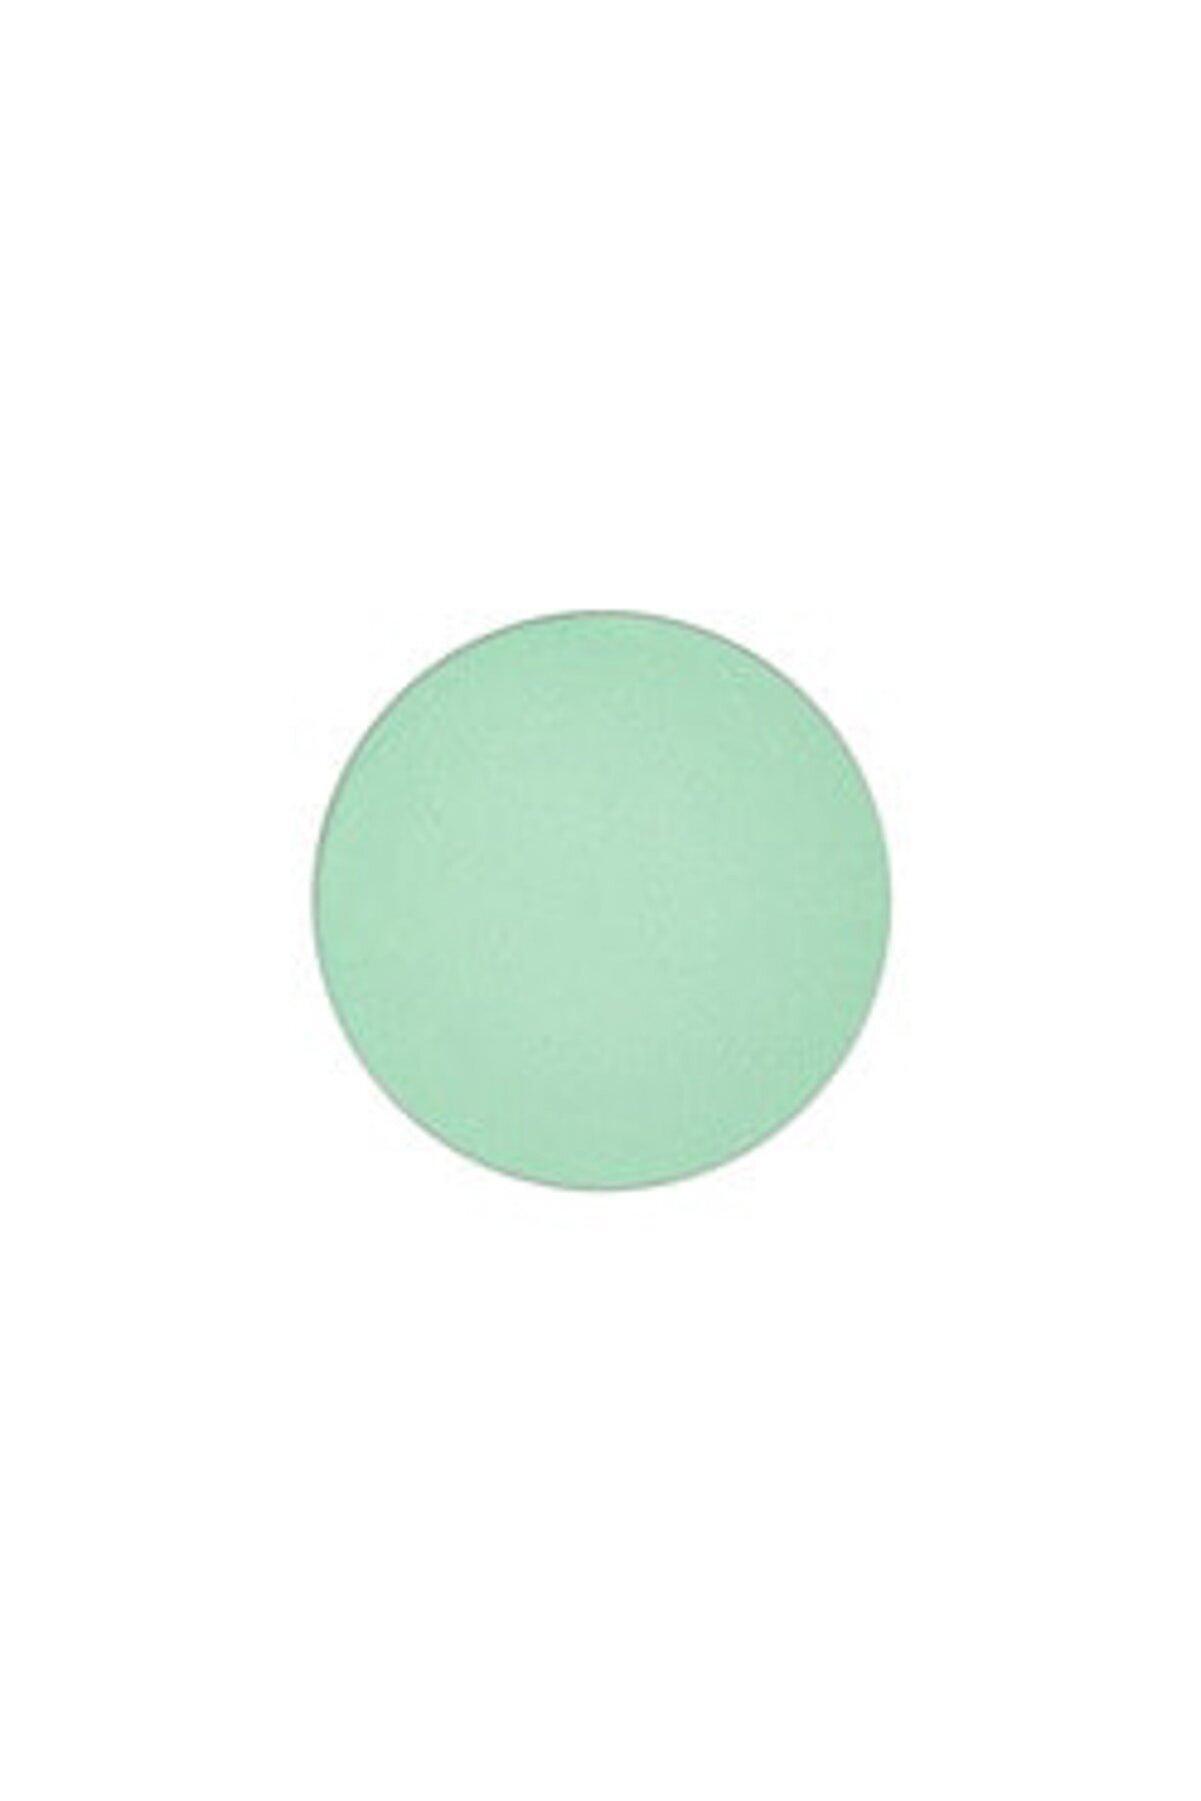 Mac Göz Farı - Refill Far Mint Condition 773602572779